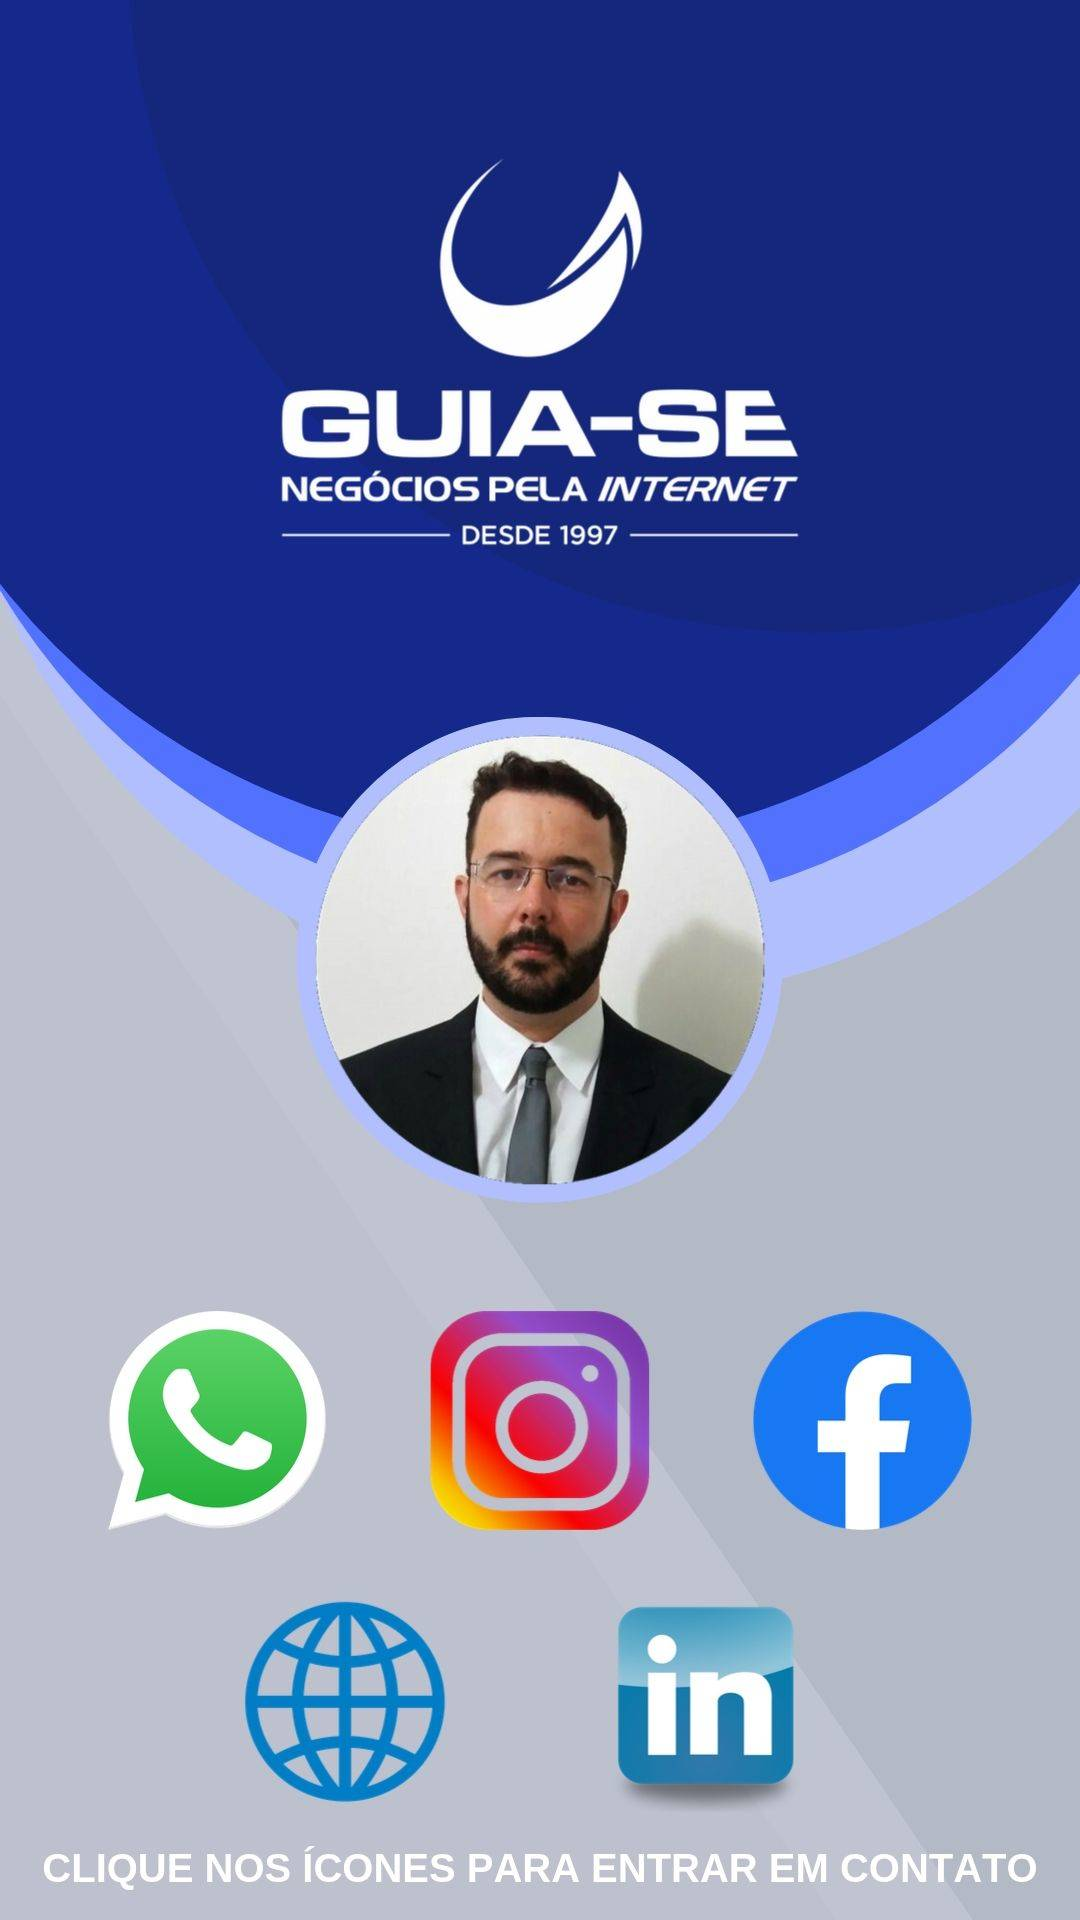 Fernando BH Guia-se